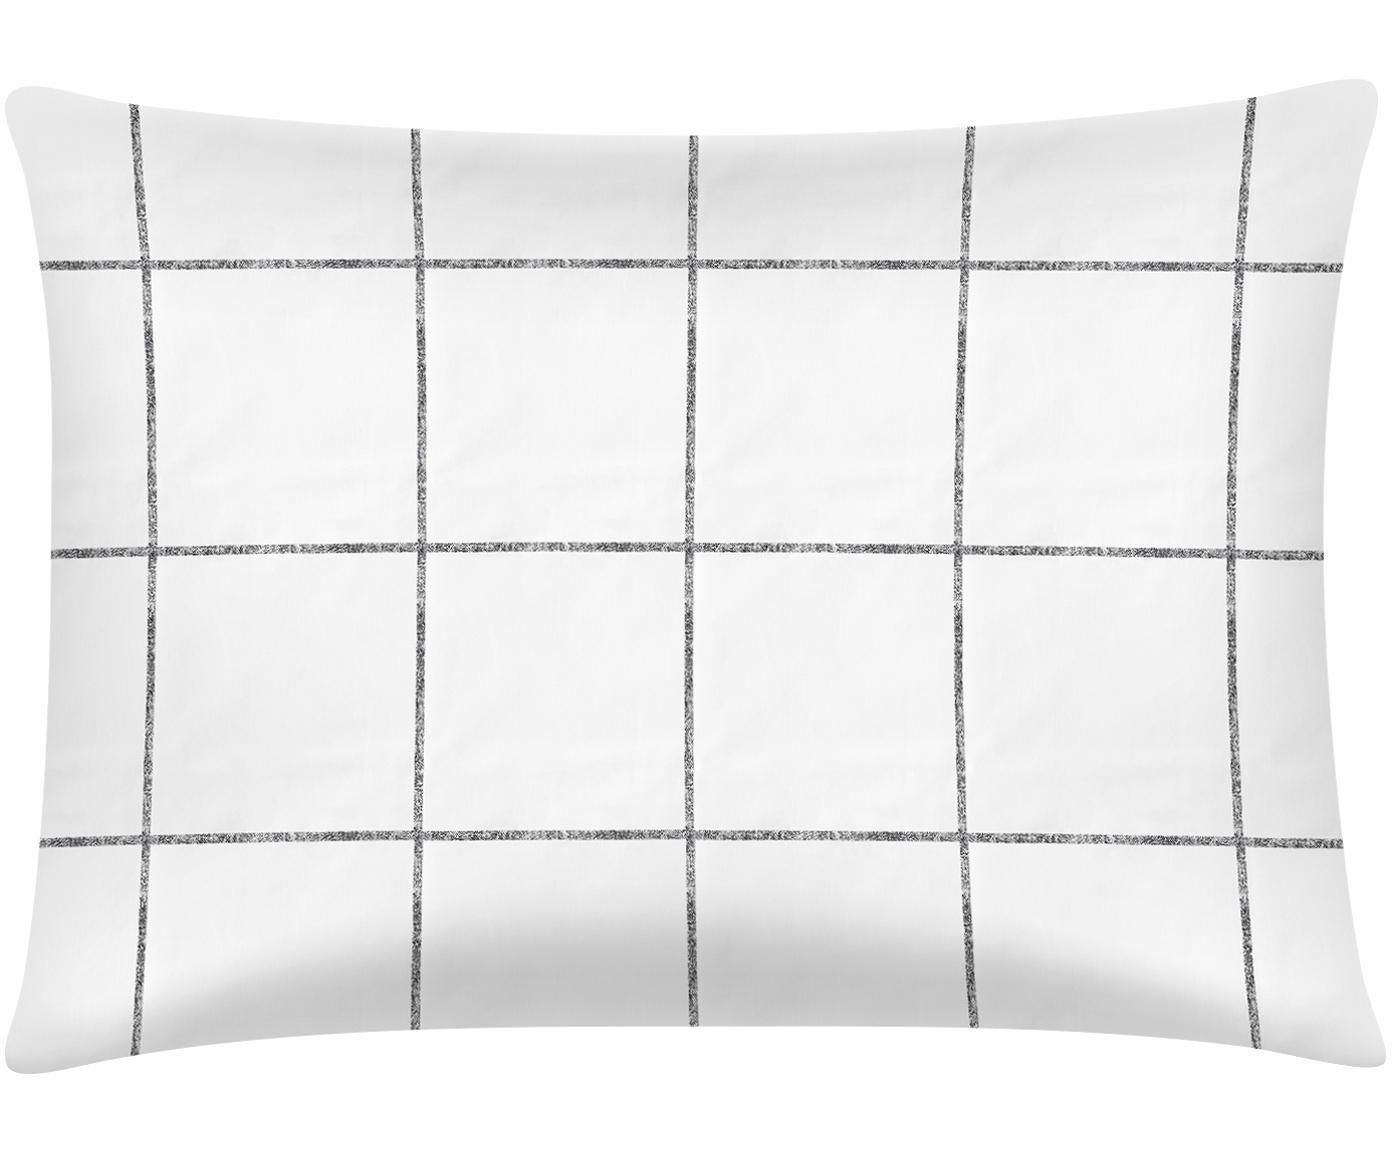 Funda de almohada de percal Juna, Blanco, negro, An 50 x L 70 cm